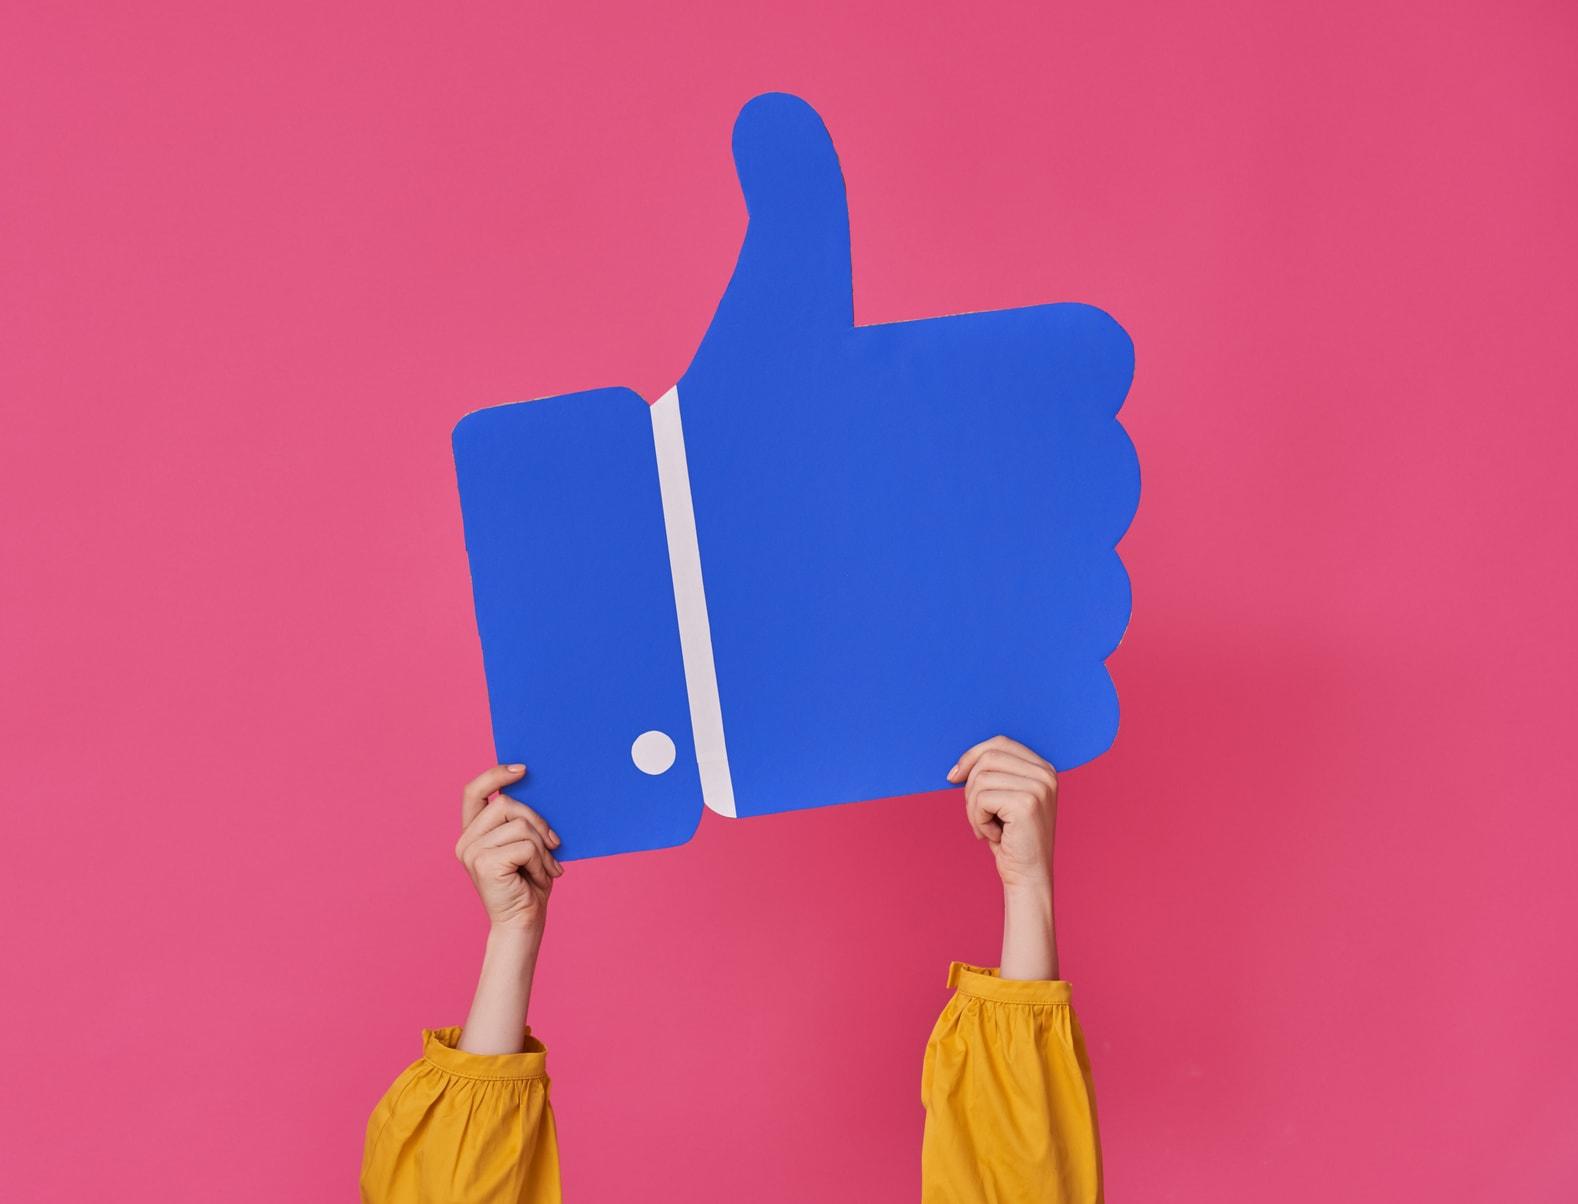 Capa Para Facebook Fotos E Imagens Criativas Para Sua Pagina